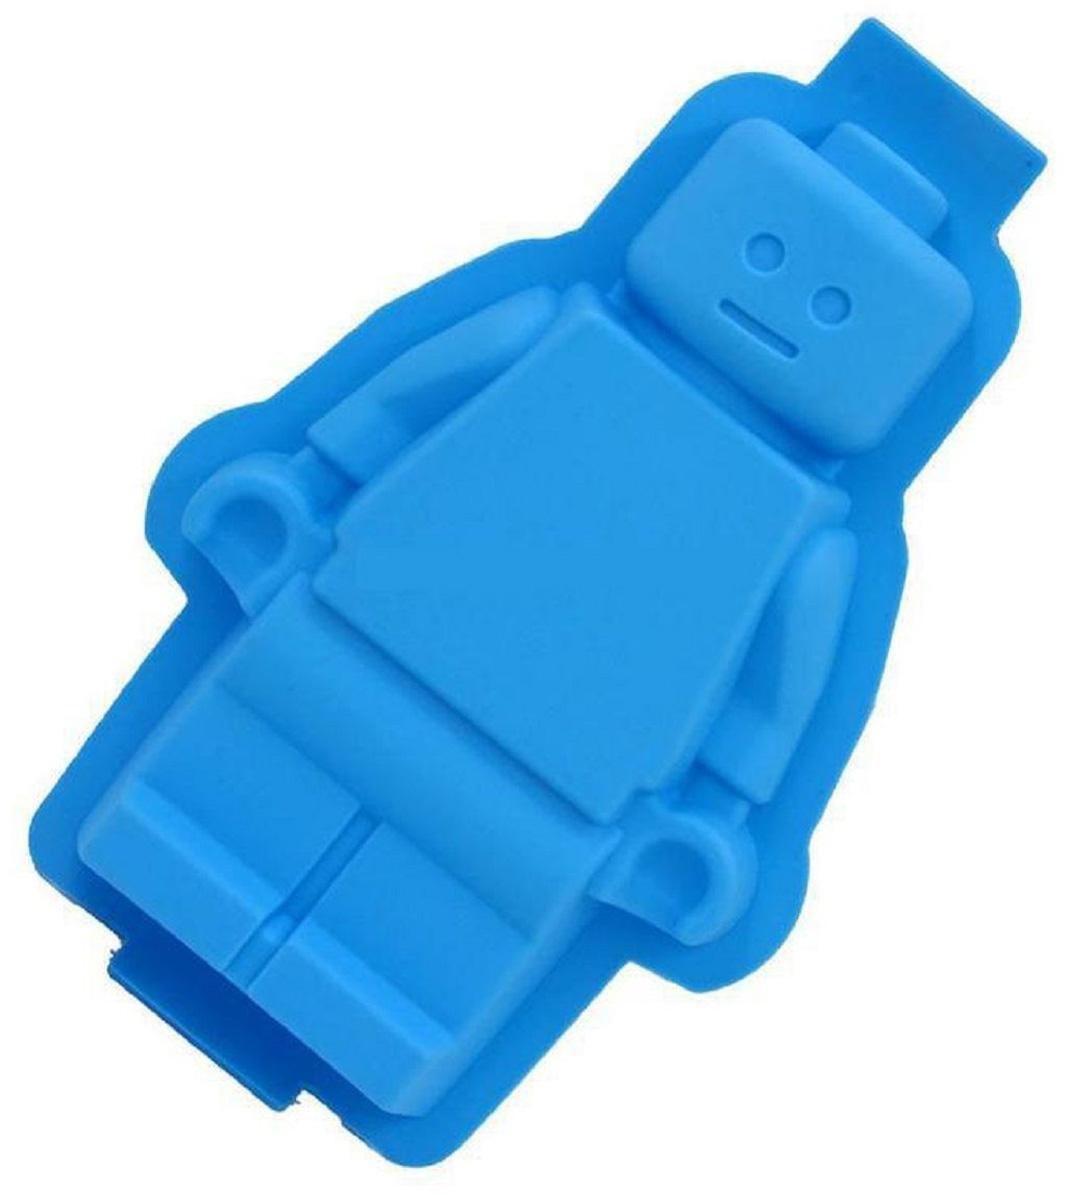 Форма для выпечки Fidget Go Lego, для приготовления кексов, пирожных, желе, выпечки и запекания, голубой формочки для кекса fidget go сердце 6 шт